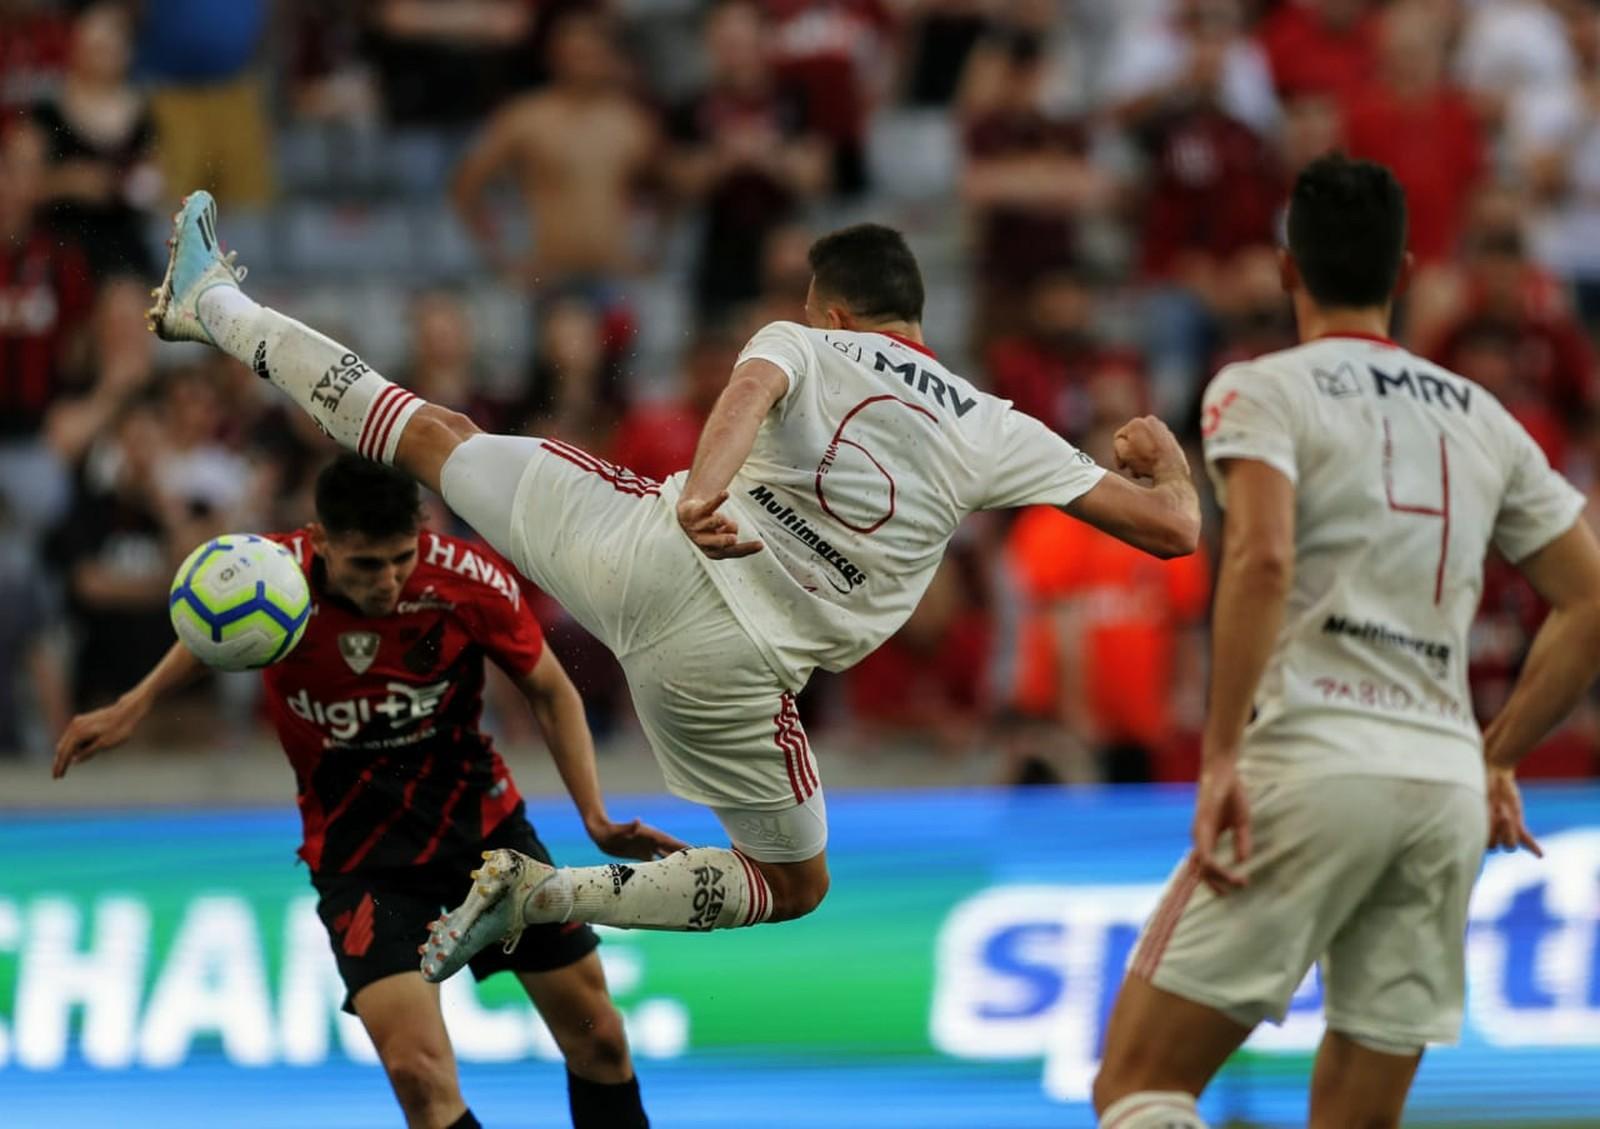 Renê teve boa atuação na marcação e ainda deu assistência no ataque — Foto: Jonathan Campos/Gazeta do Povo